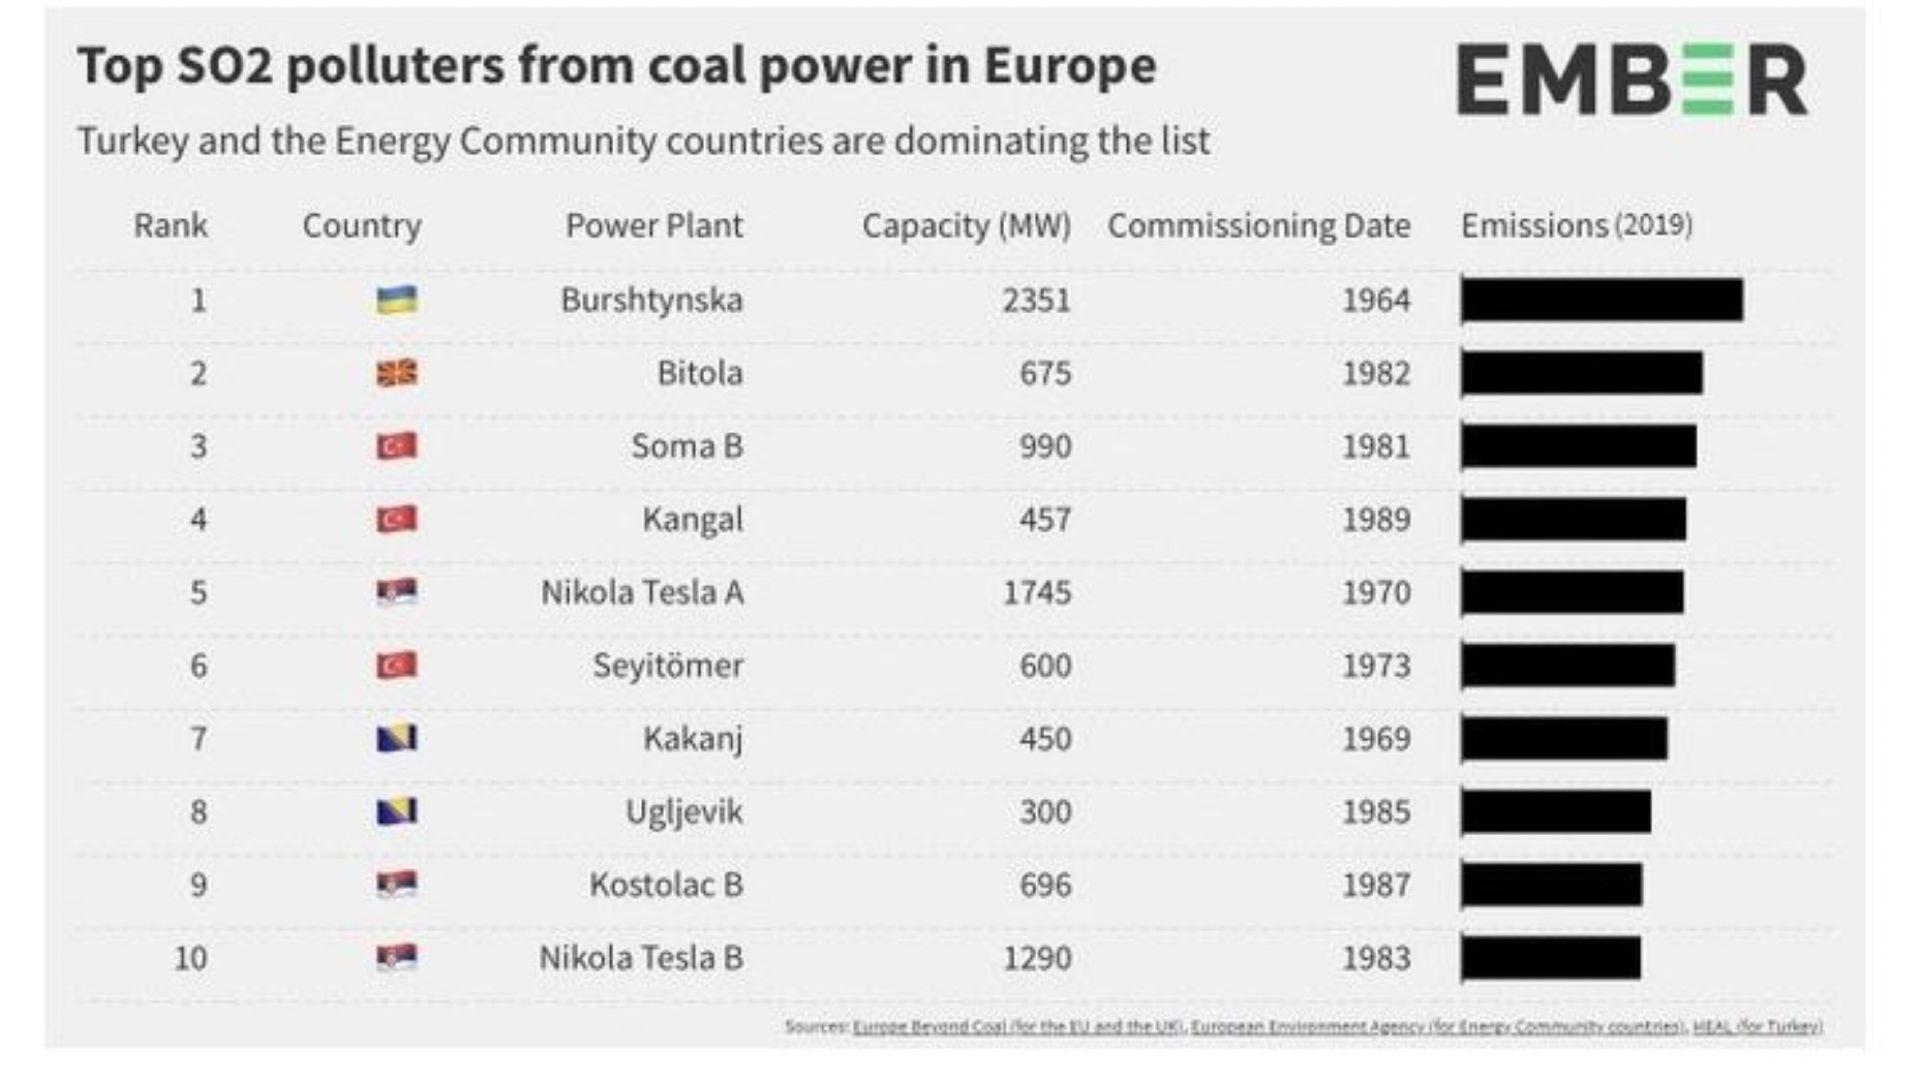 Балканите са сред най-големите замърсители в Европа, ТЕЦ Битоля е на върха